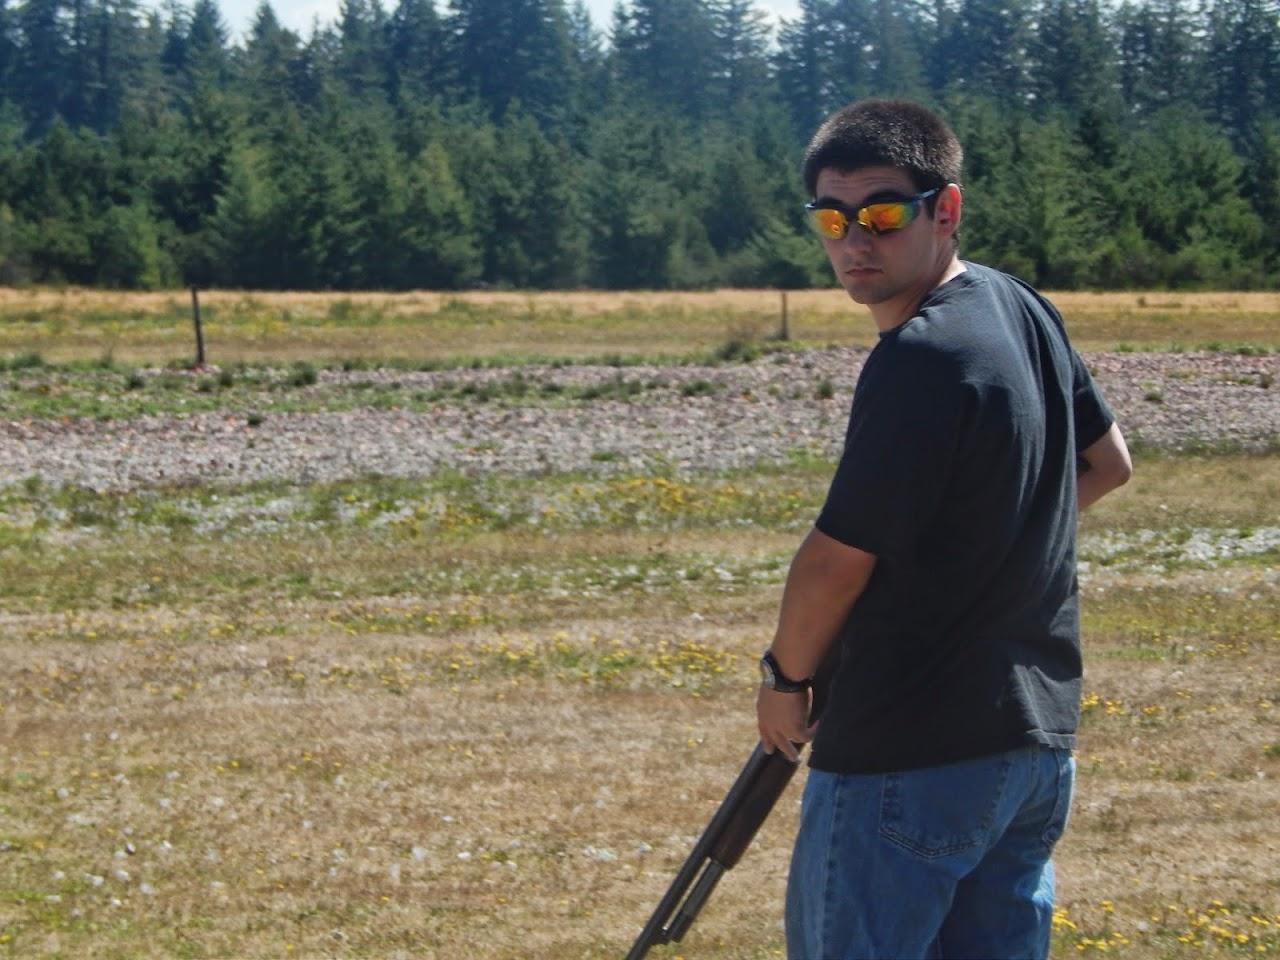 Shooting Sports Aug 2014 - DSCN1951.JPG